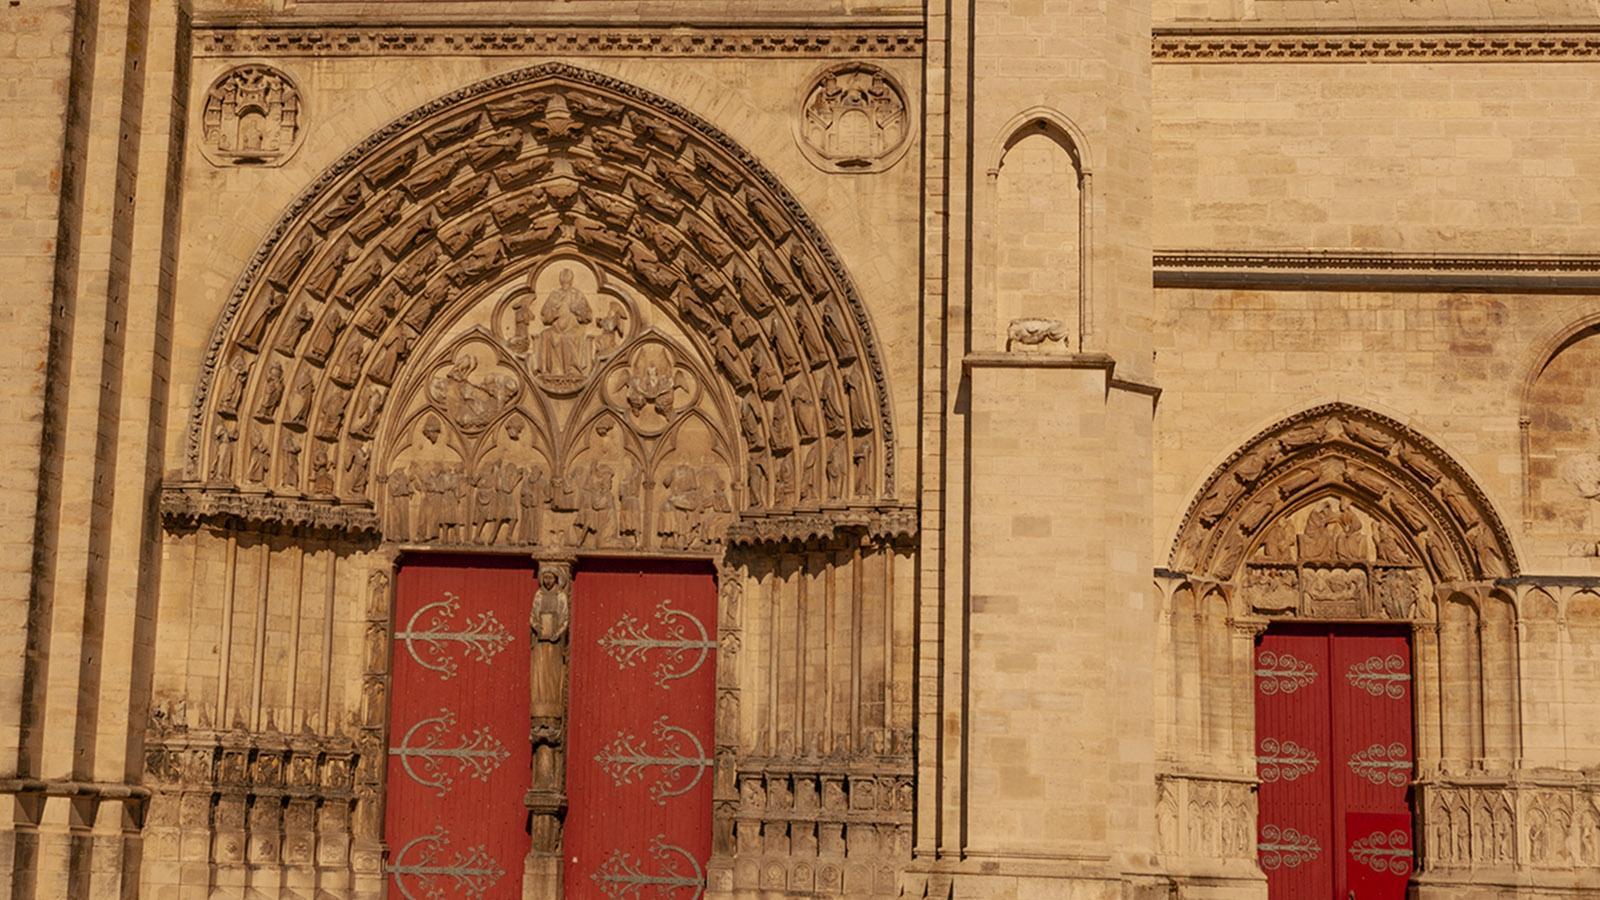 Das seitliche Portal der Kathedrale von Sens am Platz zum Bischofspalast. Foto: Hilke Maunder